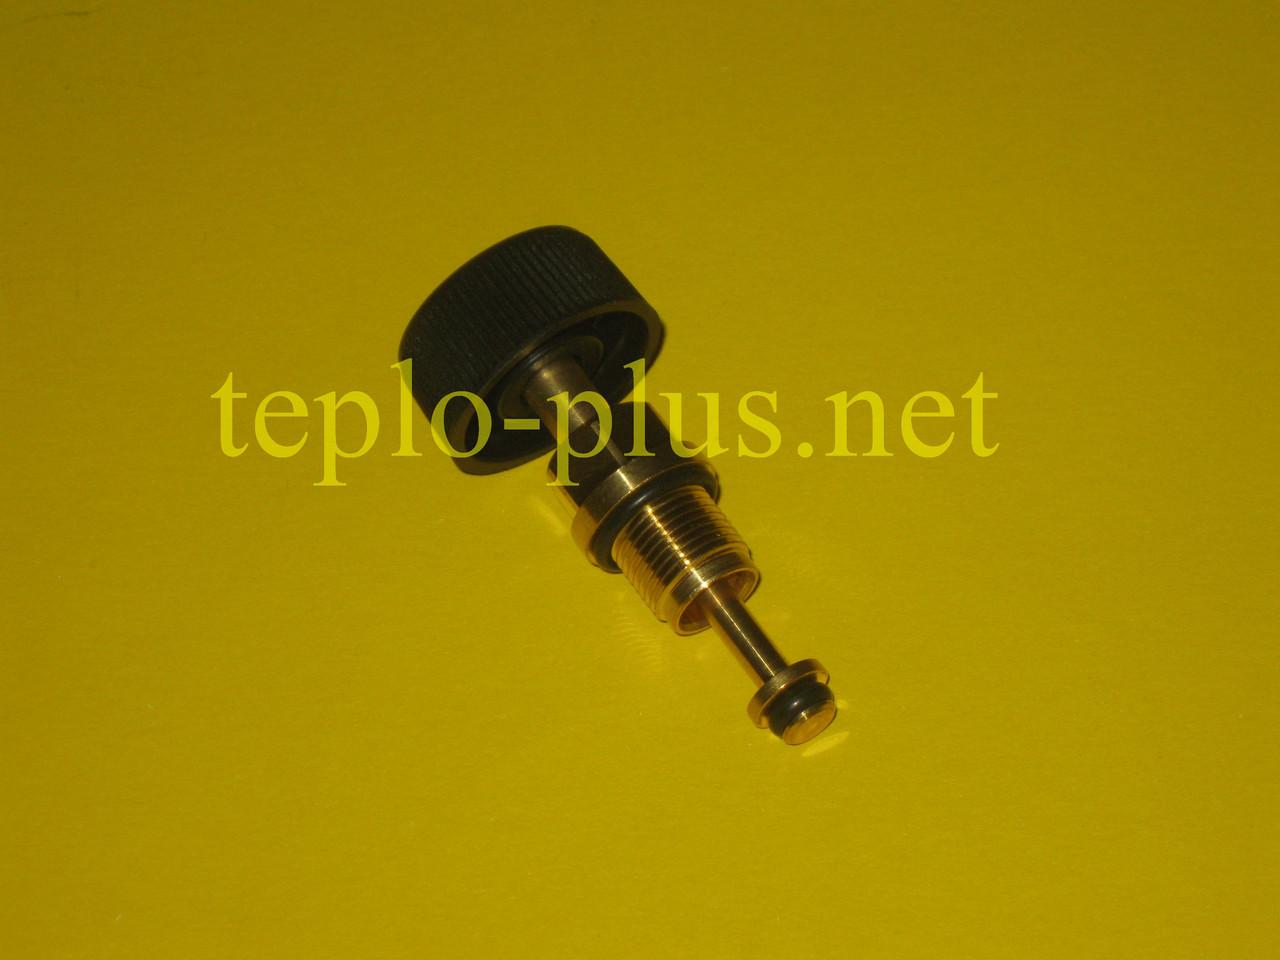 Кран подпитки Z1490.01.02.40 Termet MiniMax Dinamic, MiniMax Elegance